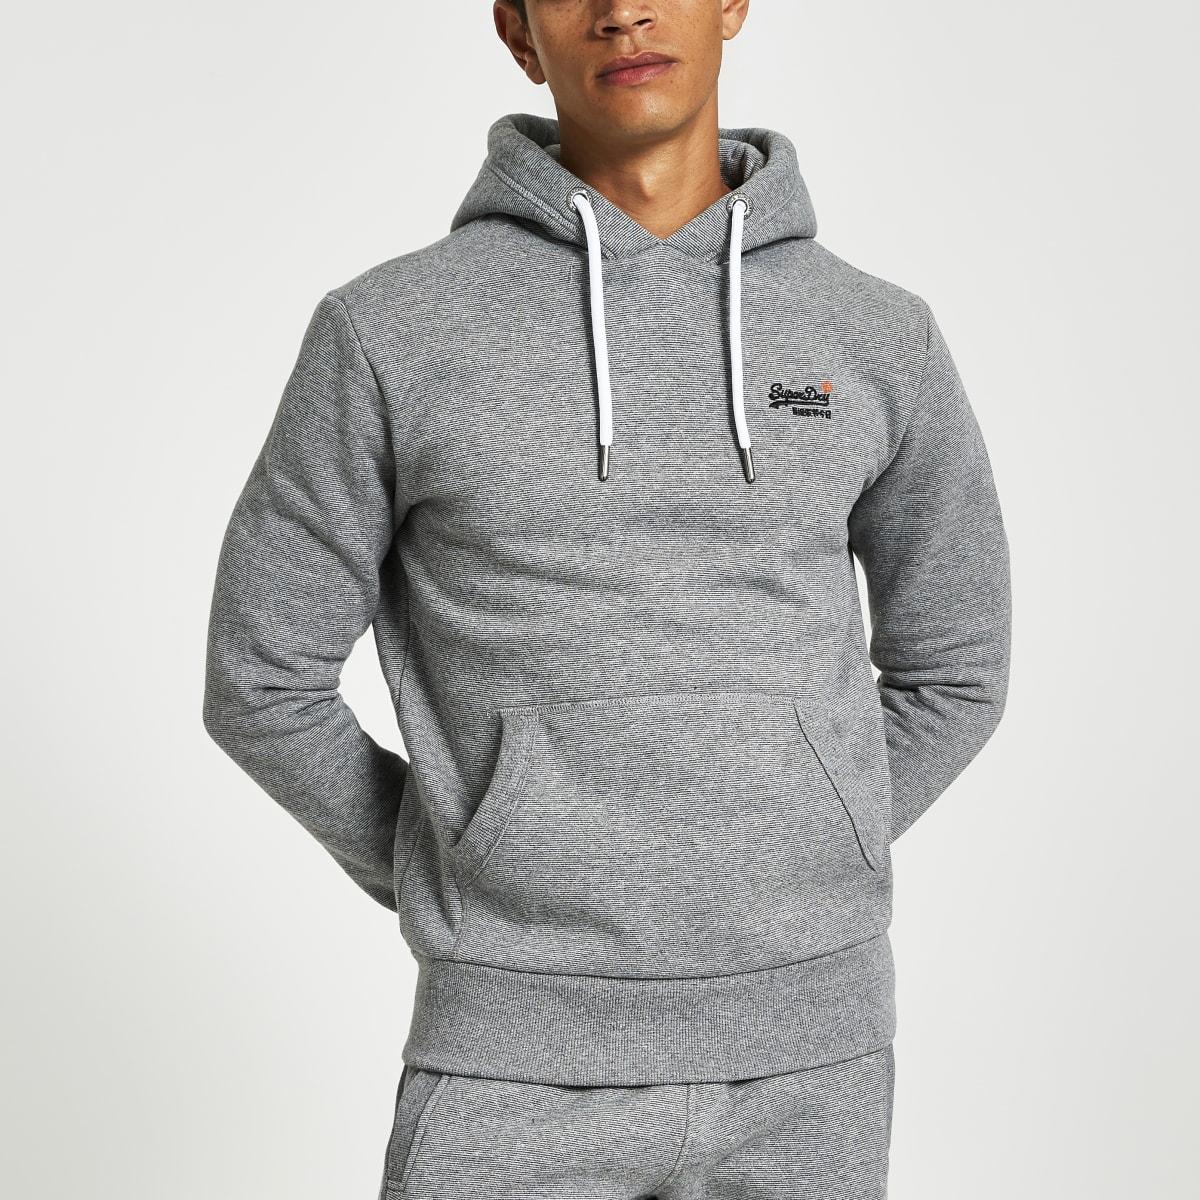 Superdry - Grijze hoodie uit de Orange Label-reeks